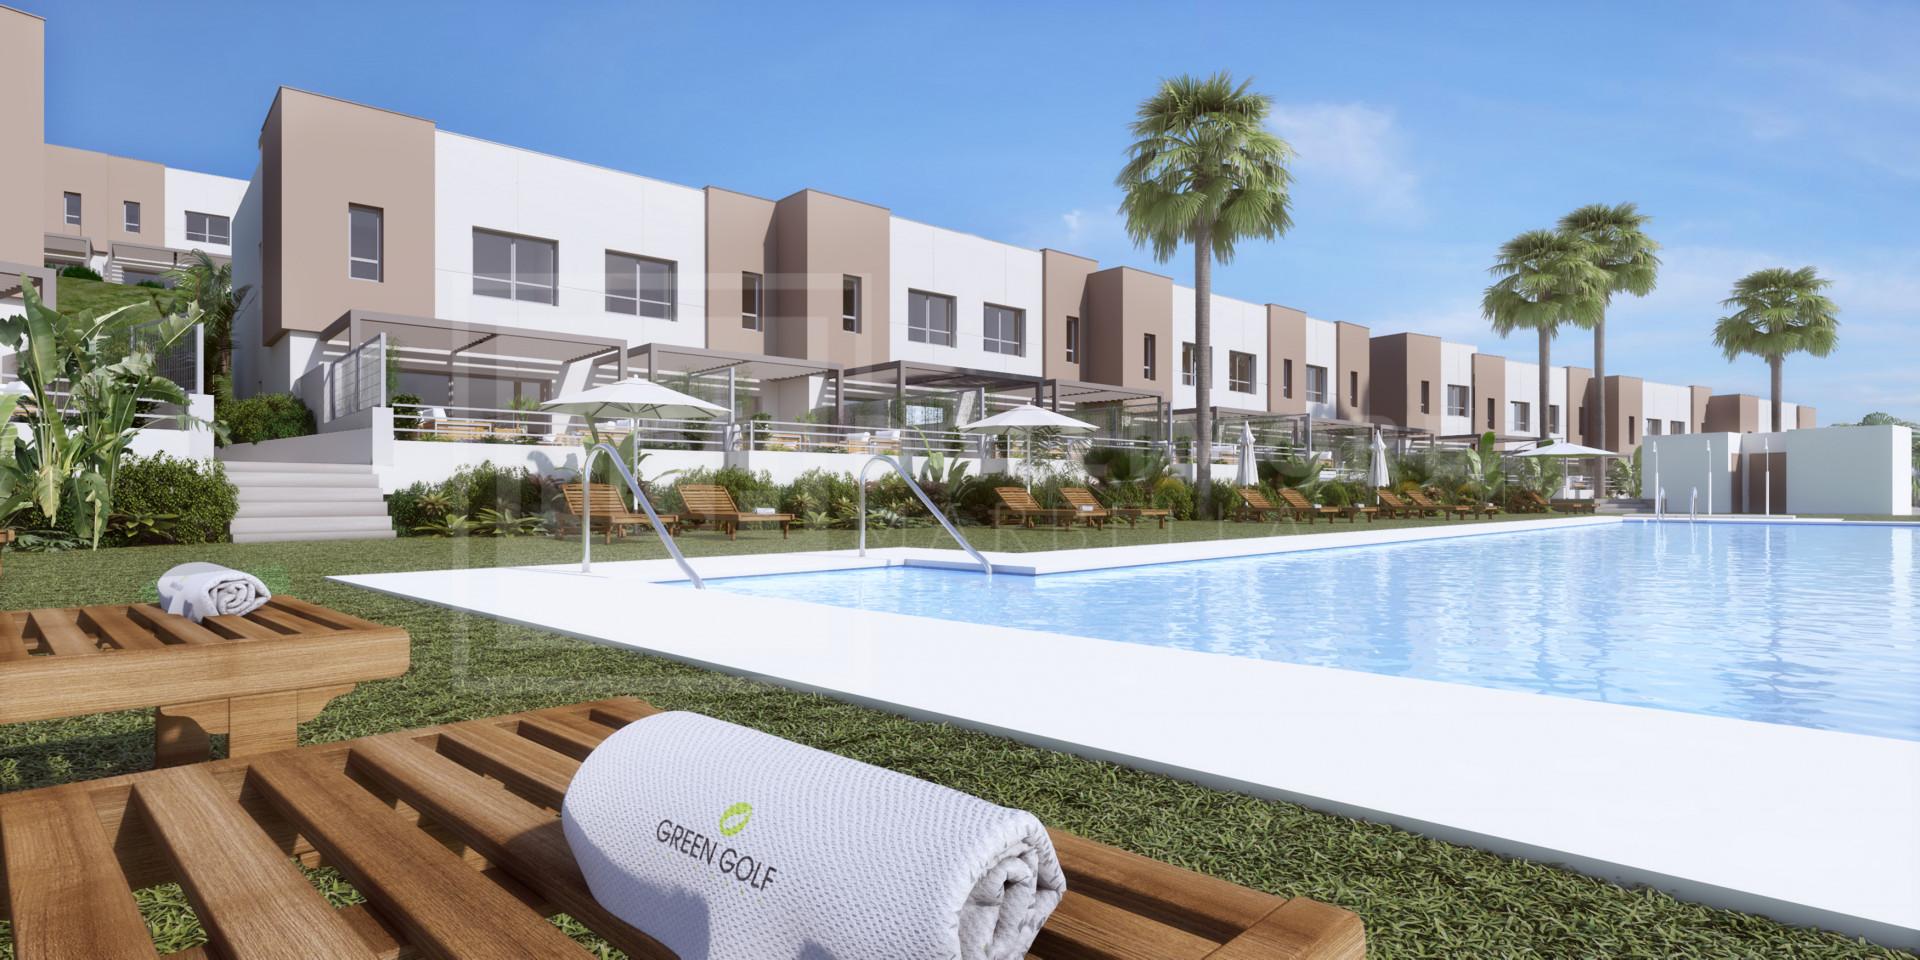 Town House Estepona Golf, Estepona – NEWTH6837